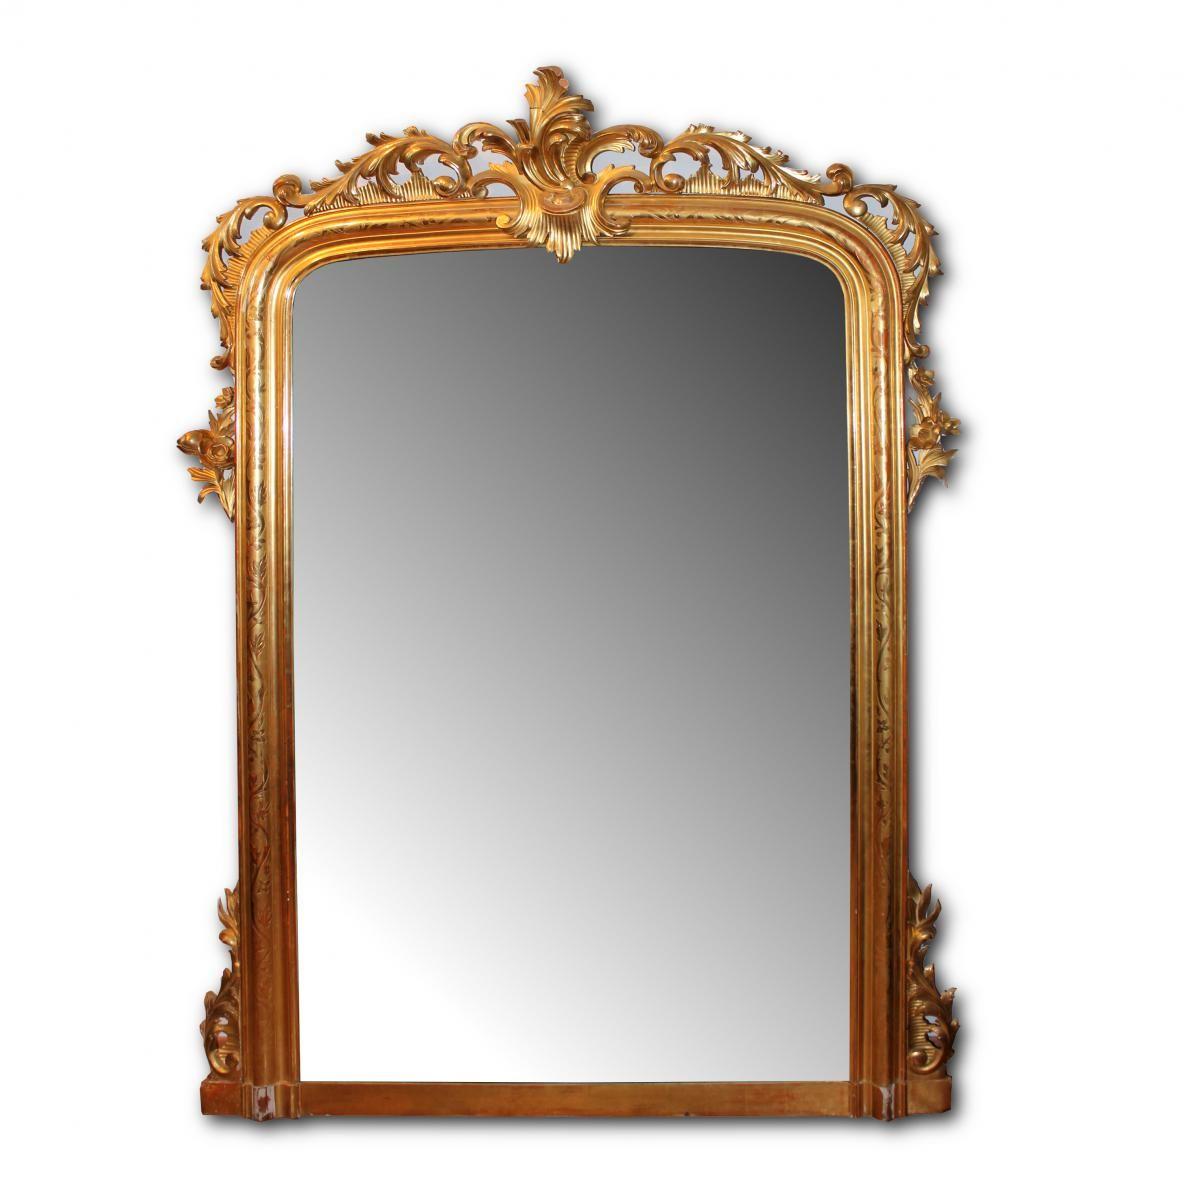 Grand Miroir en bois finement sculpté et doré, Borrelli Antichità, Proantic